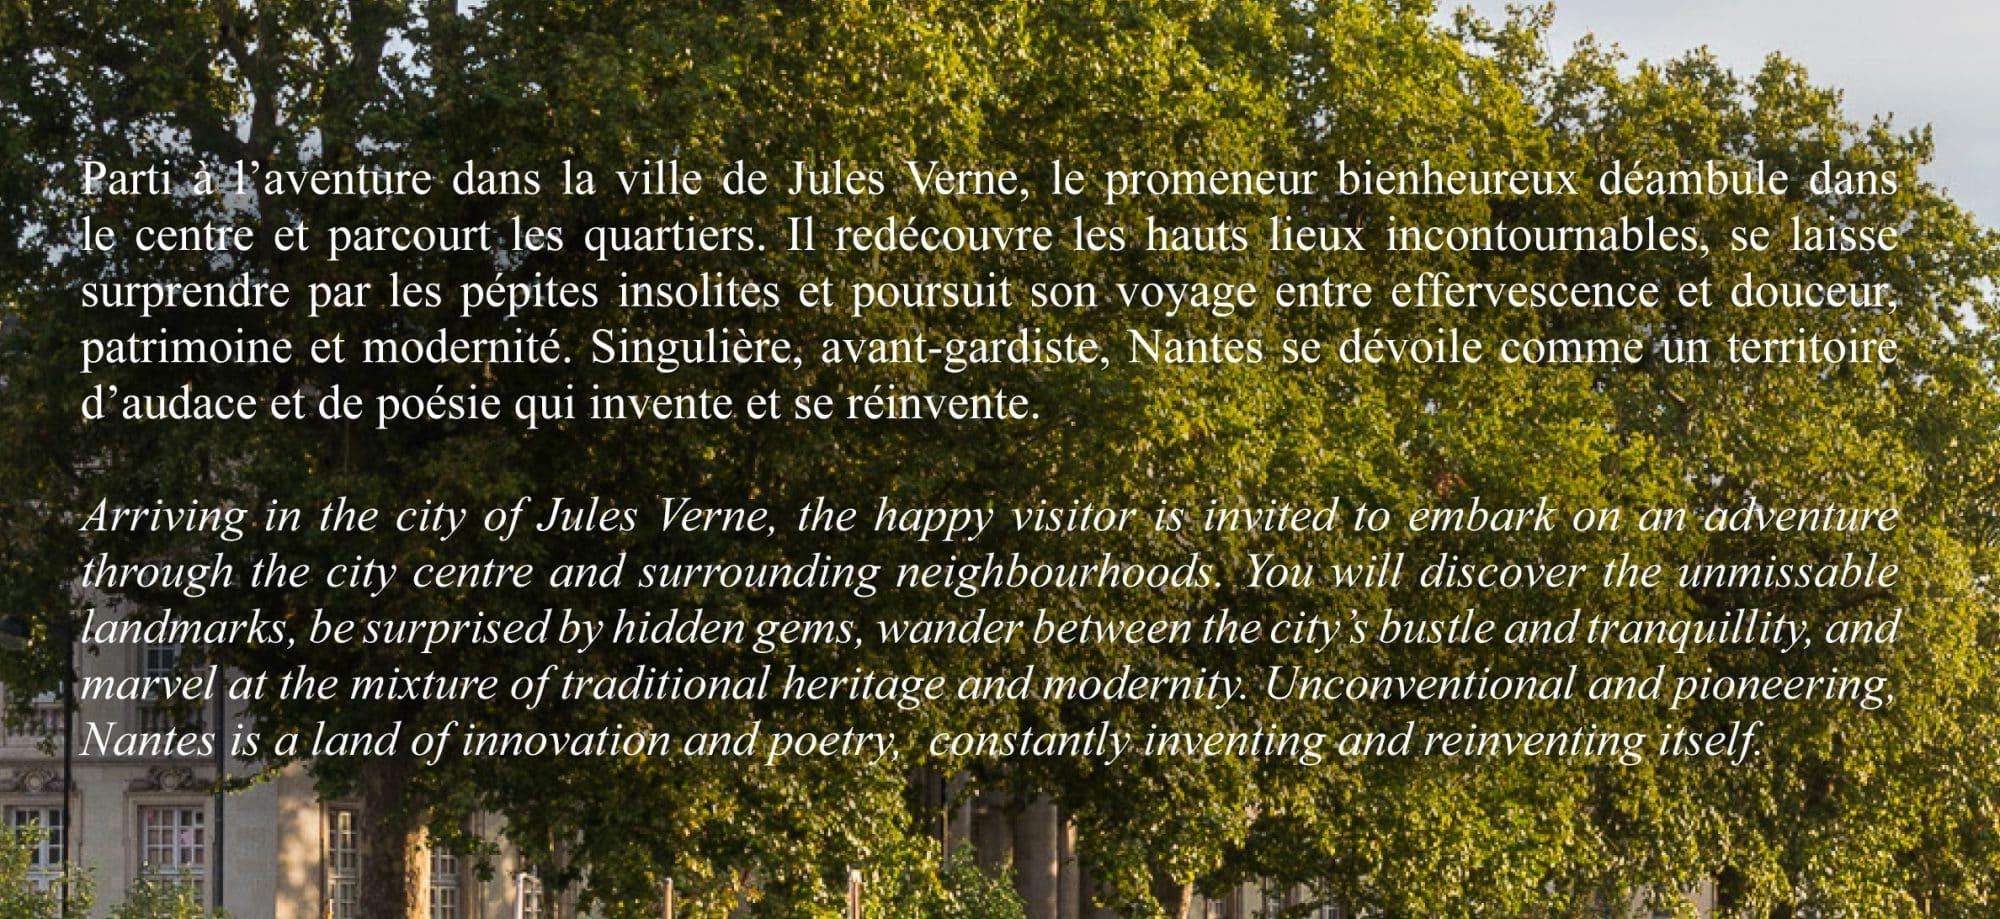 Heureux-à-Nantes-4eCouverture